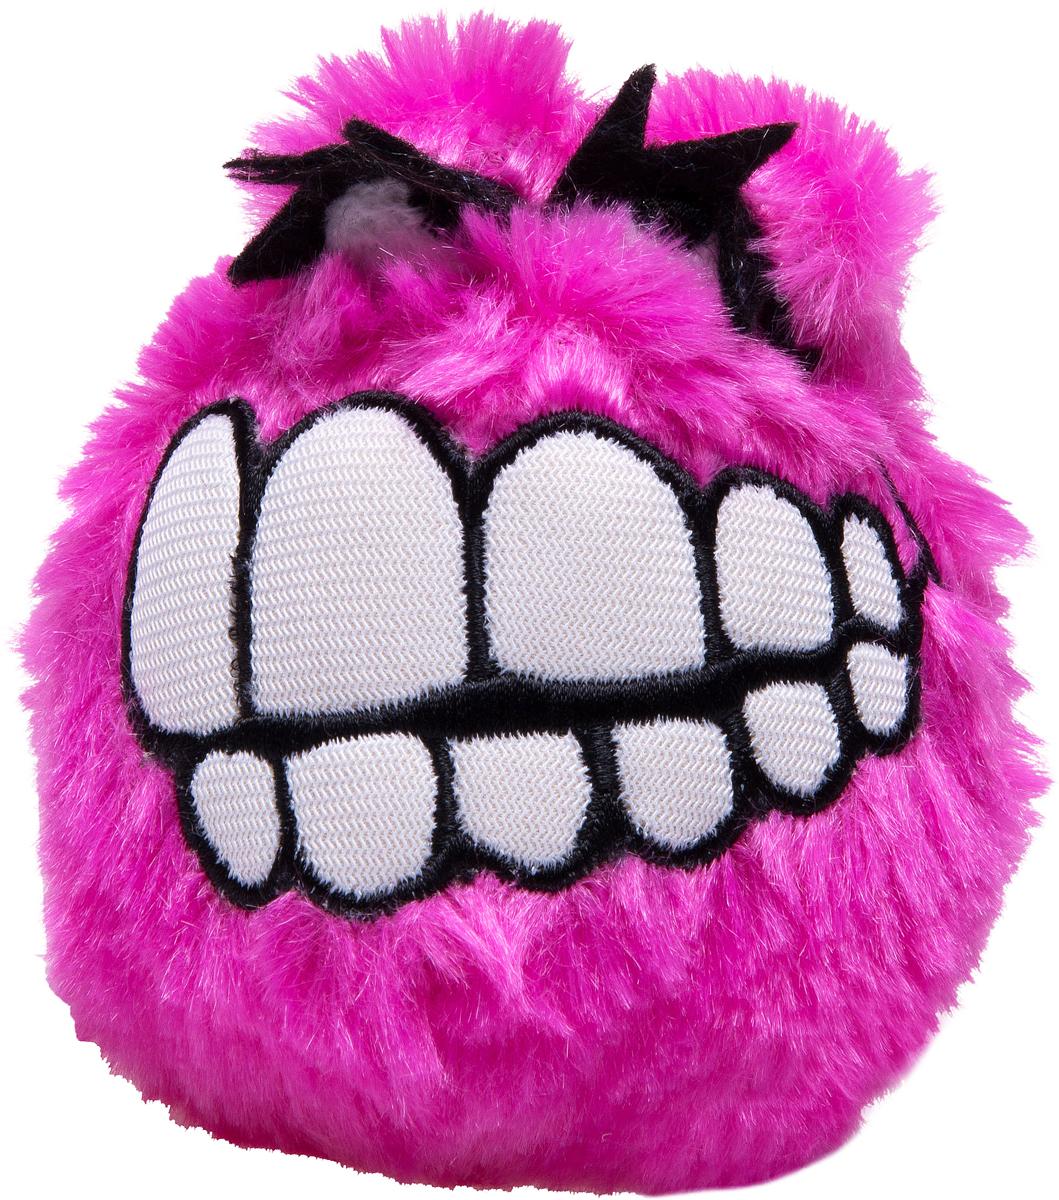 Игрушка для собак Rogz Fluffy Grinz. Зубы, цвет: розовый, диаметр 6,4 см75312Игрушка для собак Rogz Fluffy Grinz. Зубы - особо мягкий, плюшевый мяч. Для животных, которые любят играть в Поймай-принеси - это просто мечта.Небольшой вес изделия.Не травмирует зубы и десны.Удобен для переноски животных.Внутри игрушки пищалка, что поддерживает интерес животного к игре.